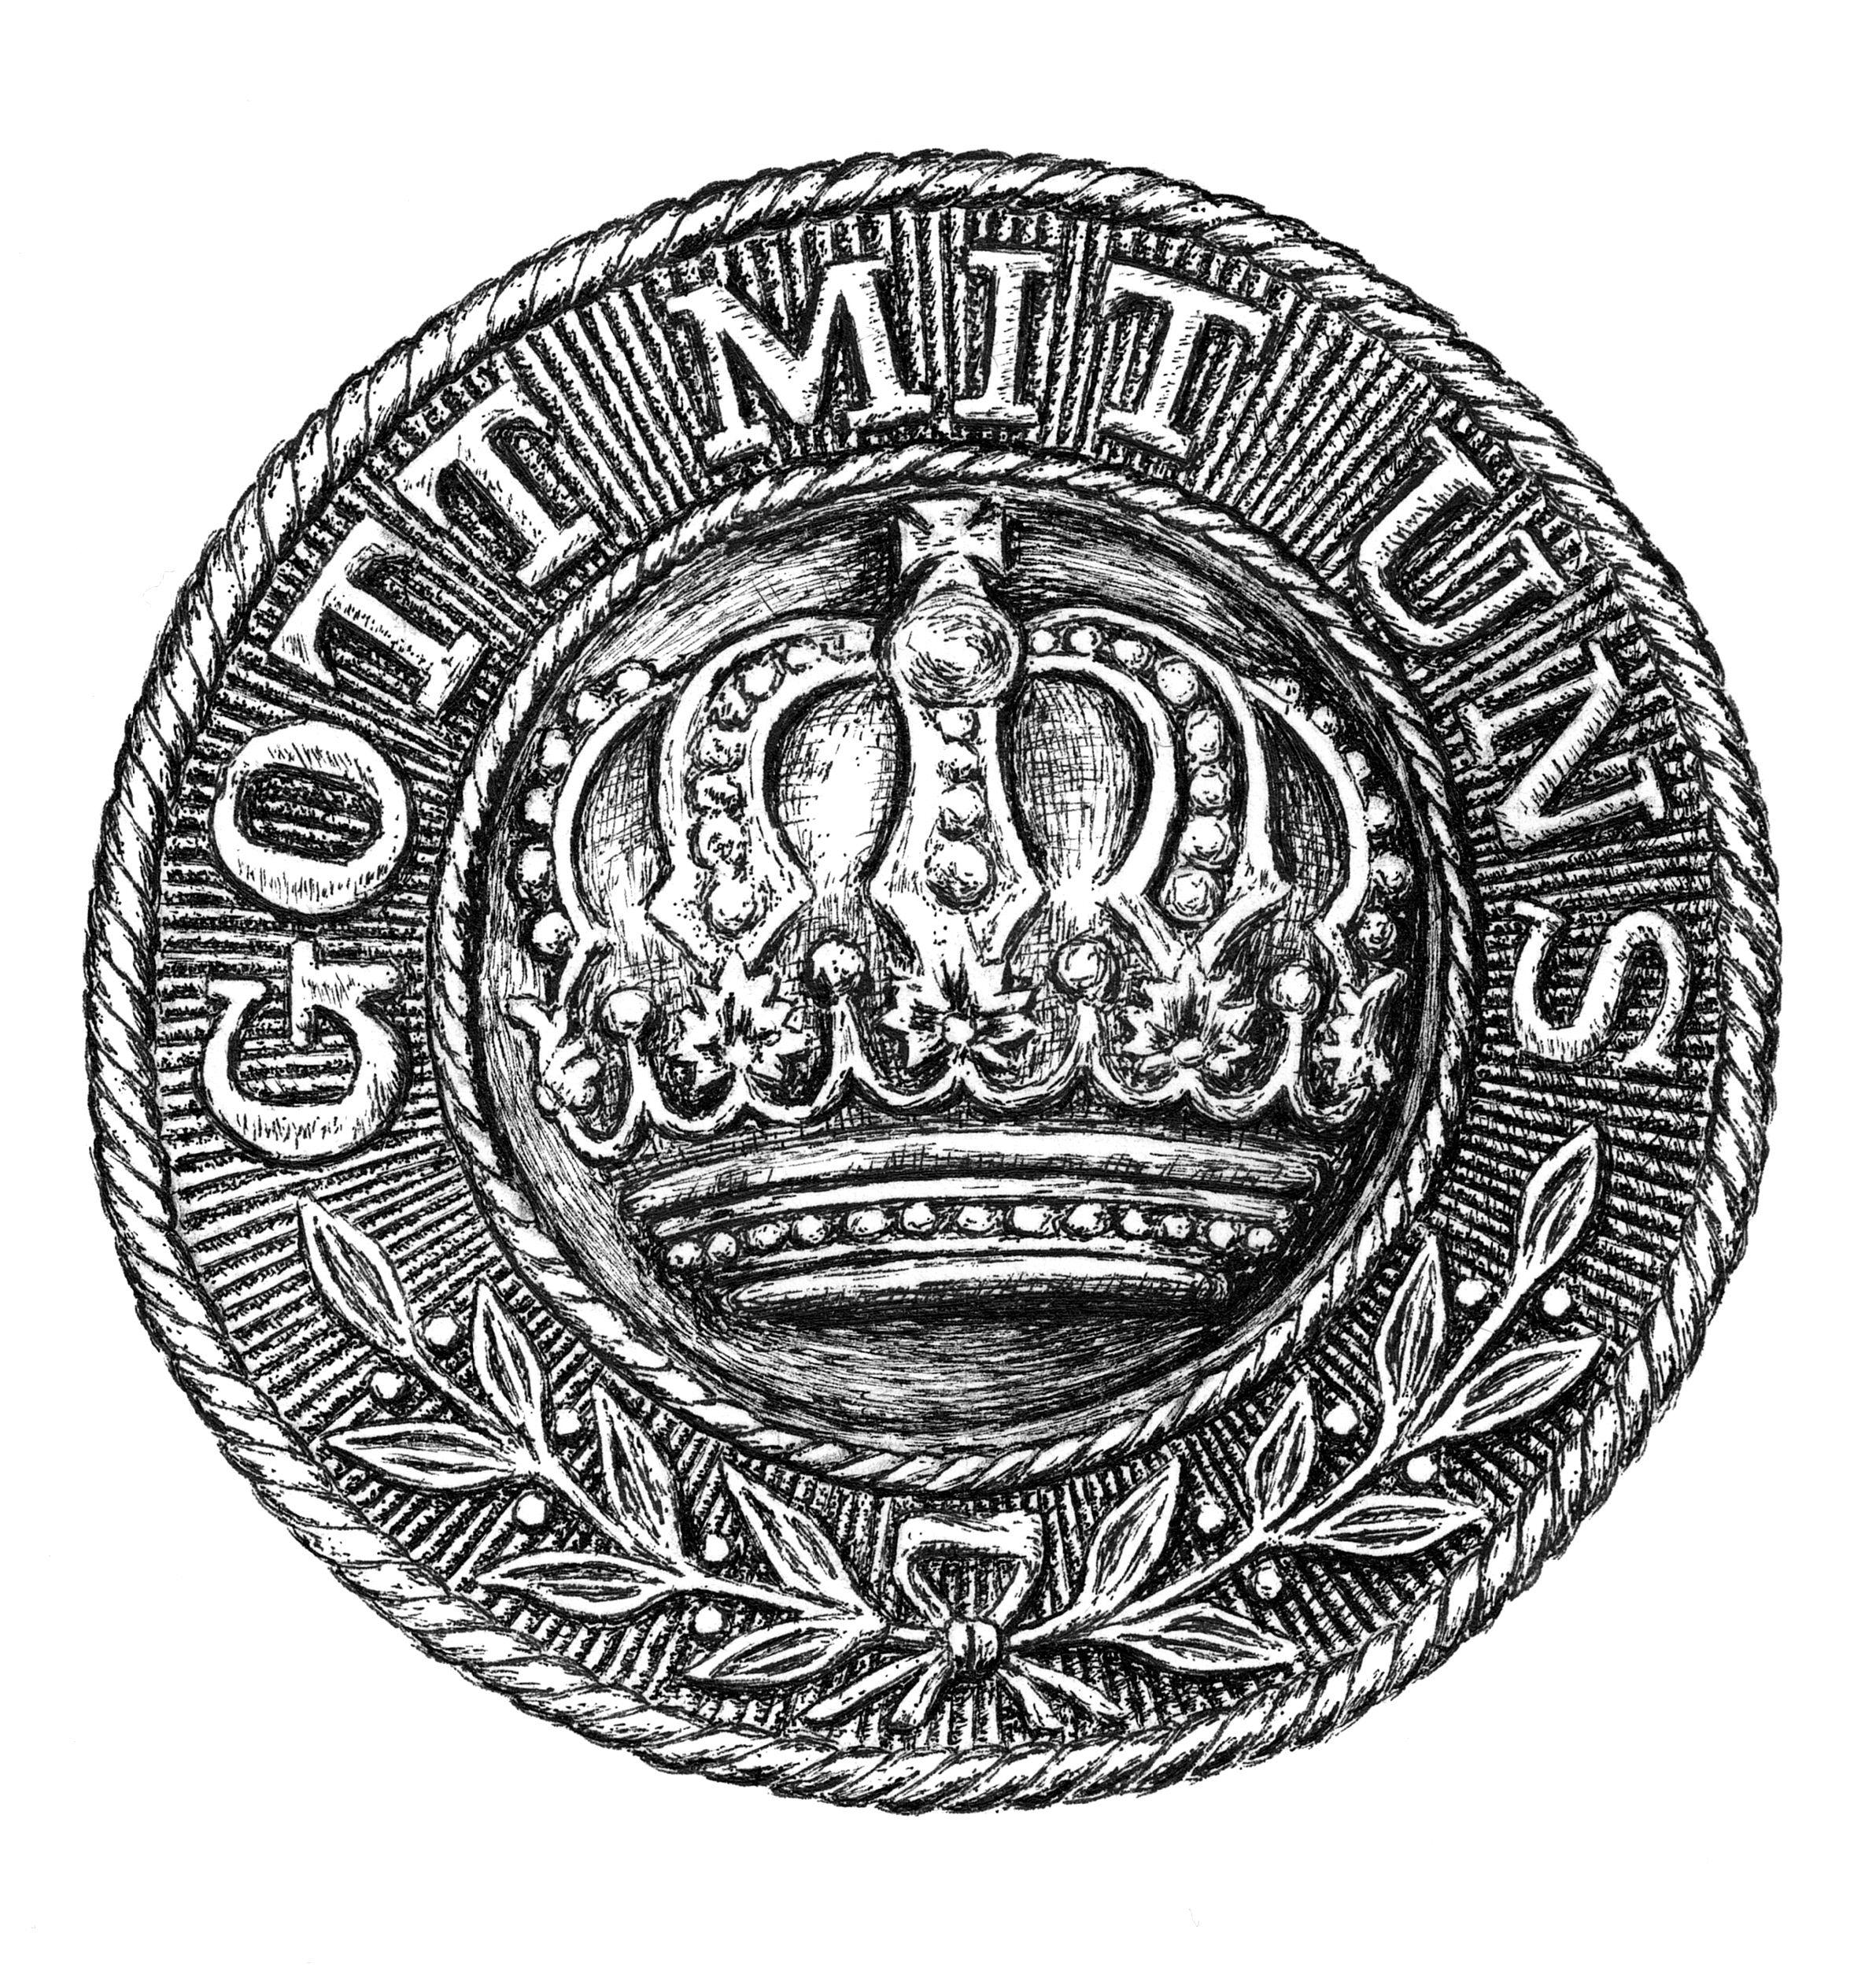 Gott Mit Uns German Military History 1848-1945-1620